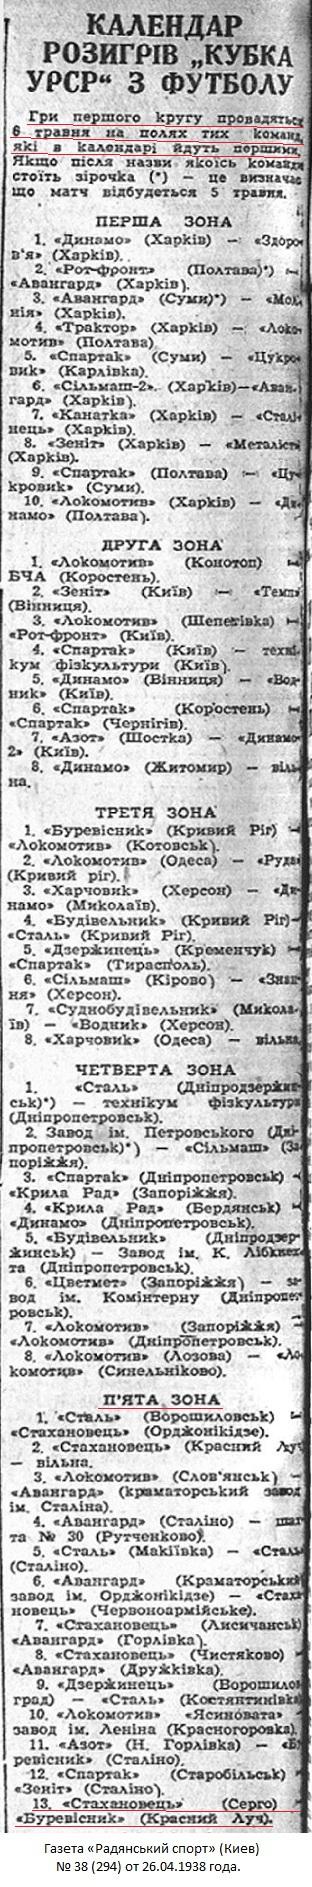 Стахановец (Серго) - Буревестник (Красный Луч) -:+ неявка